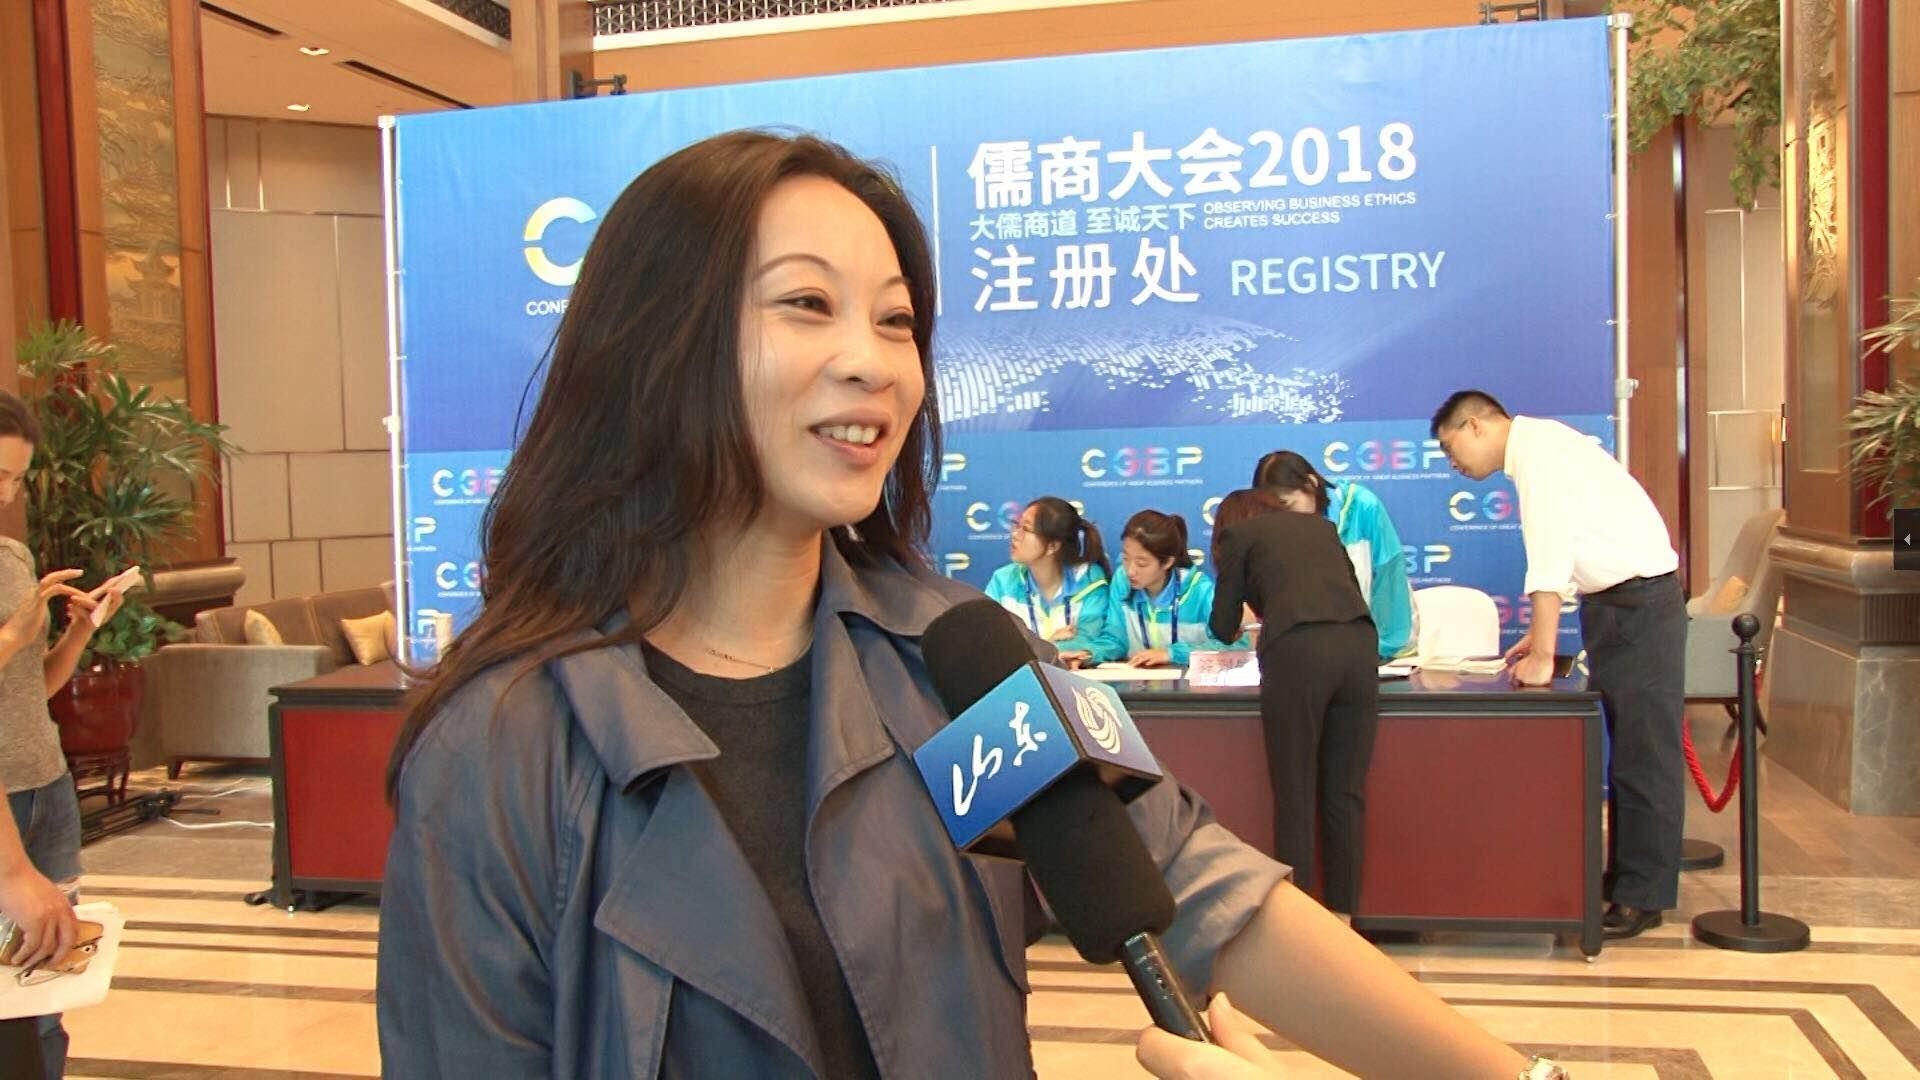 儒商大会2018丨王晓梦:既来参会又是回家 为生在孔孟之乡自豪